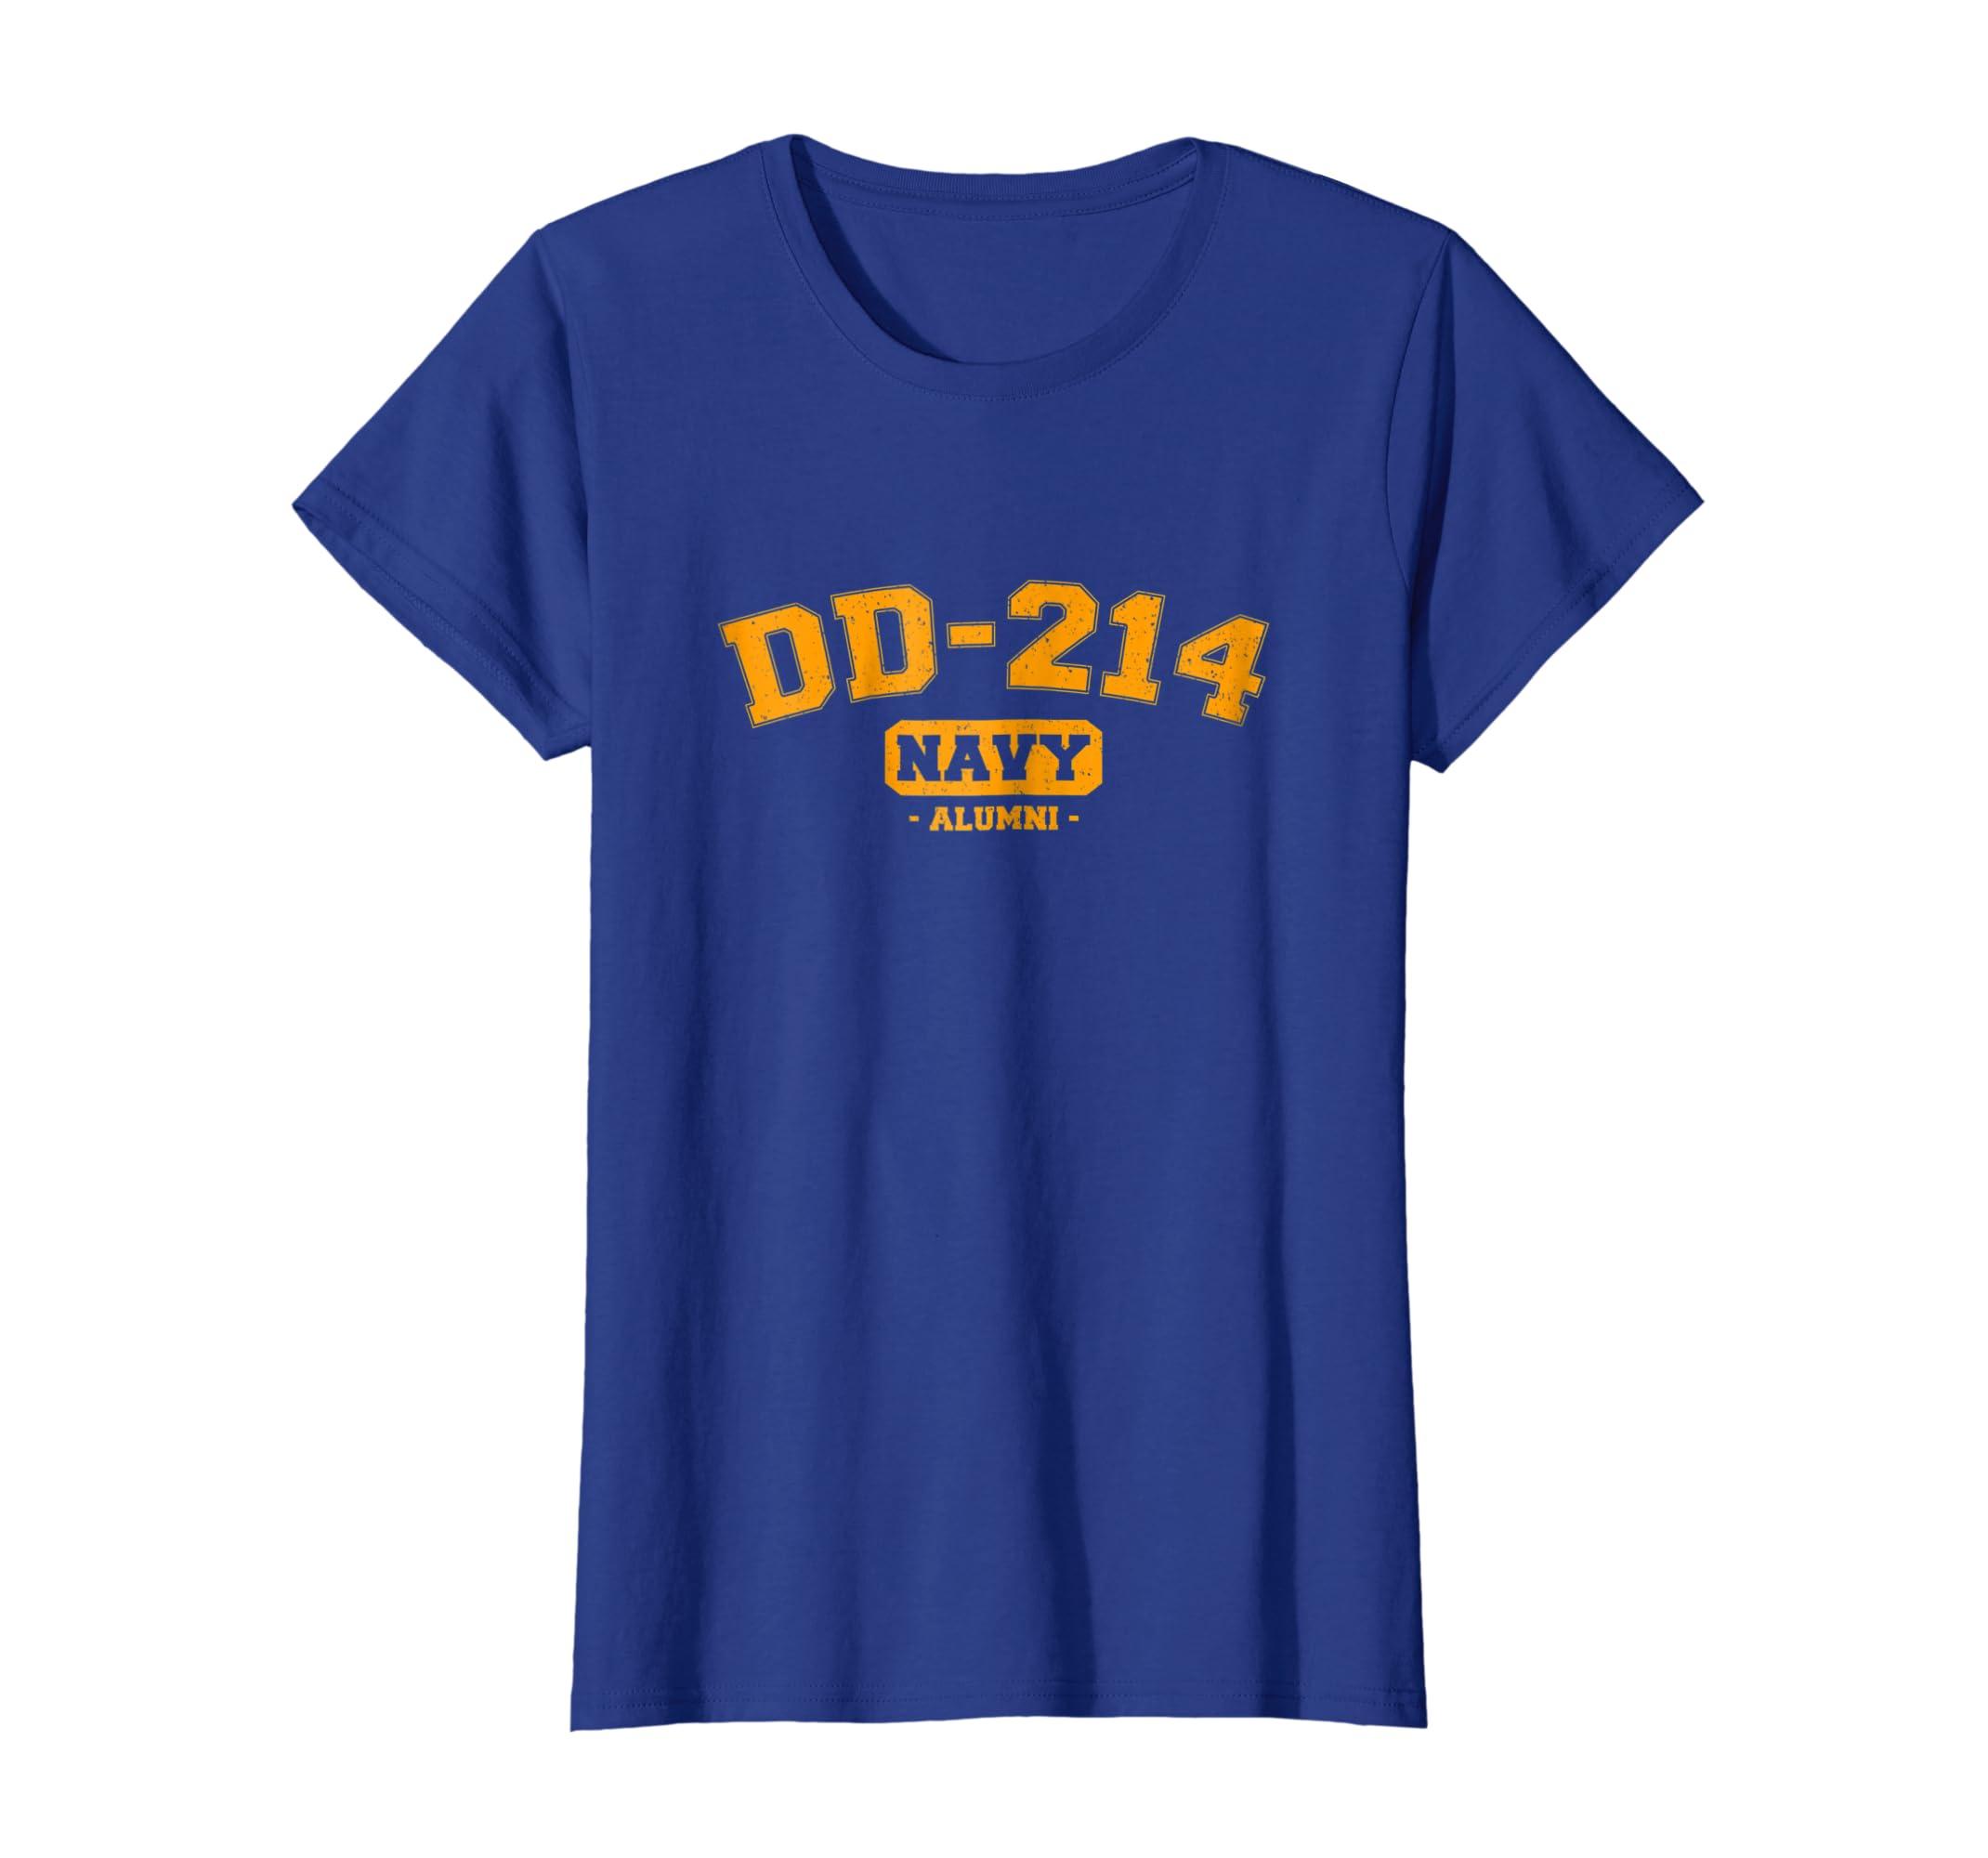 47b69913 Amazon.com: DD-214 US Navy Alumni Vintage T-Shirt: Clothing